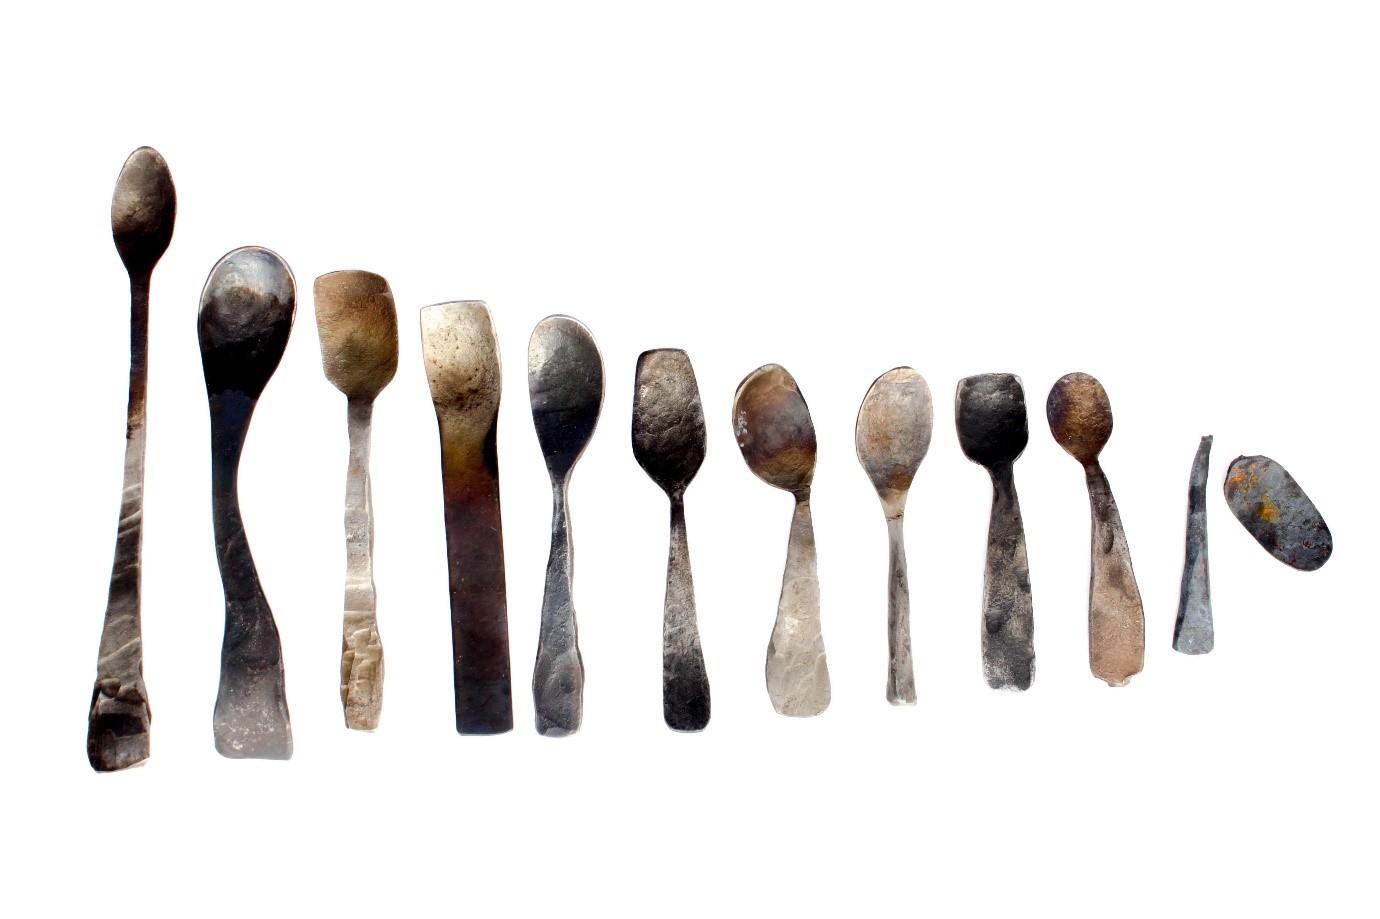 Spooning01.jpg